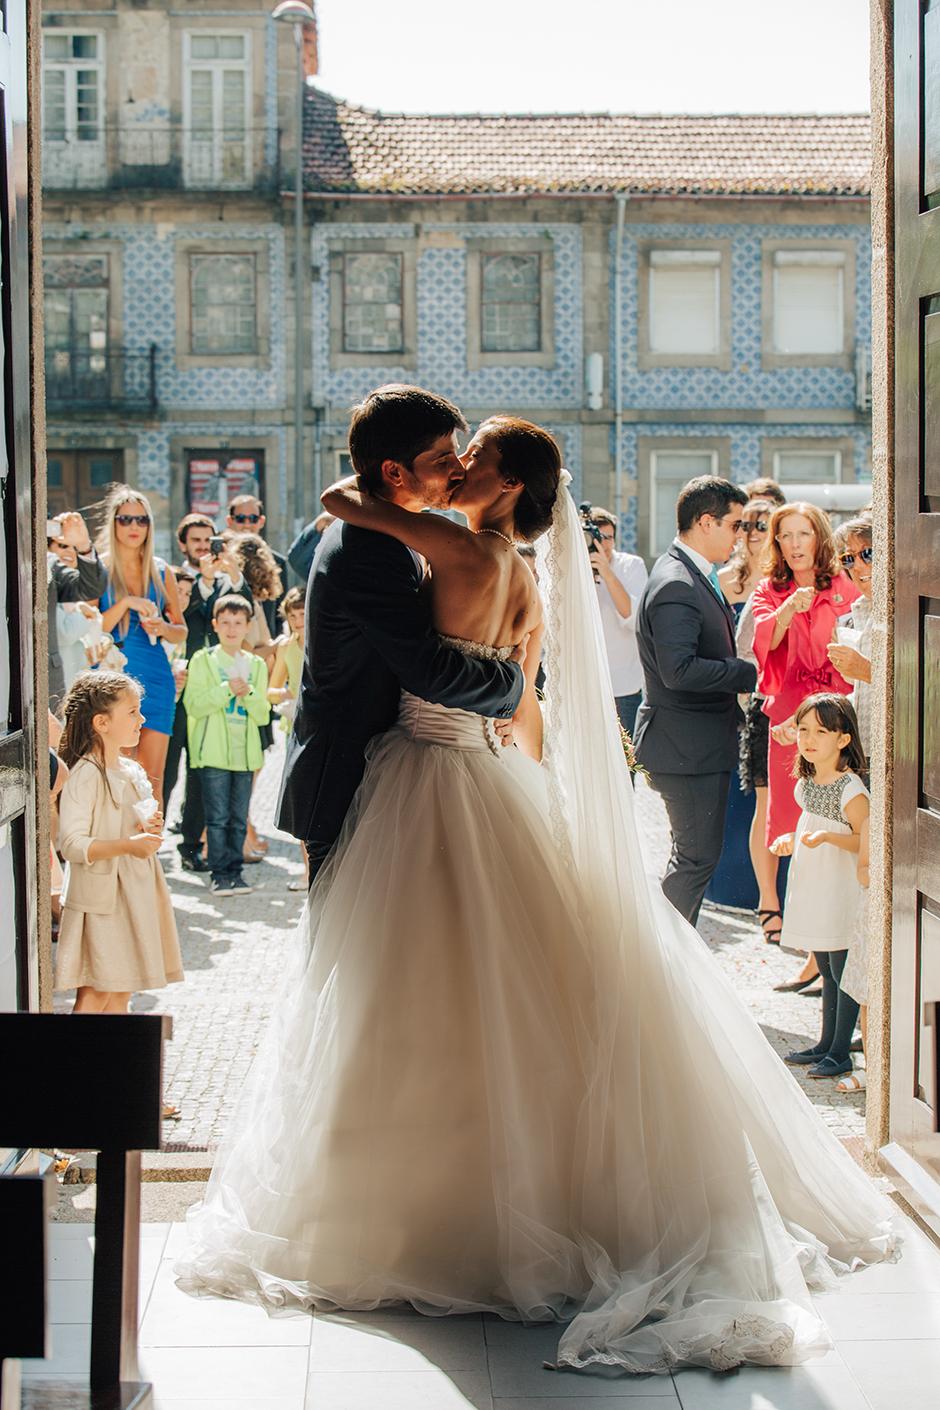 Wedding Casamento Jaime Neto Photography S+S Maio 2015_041